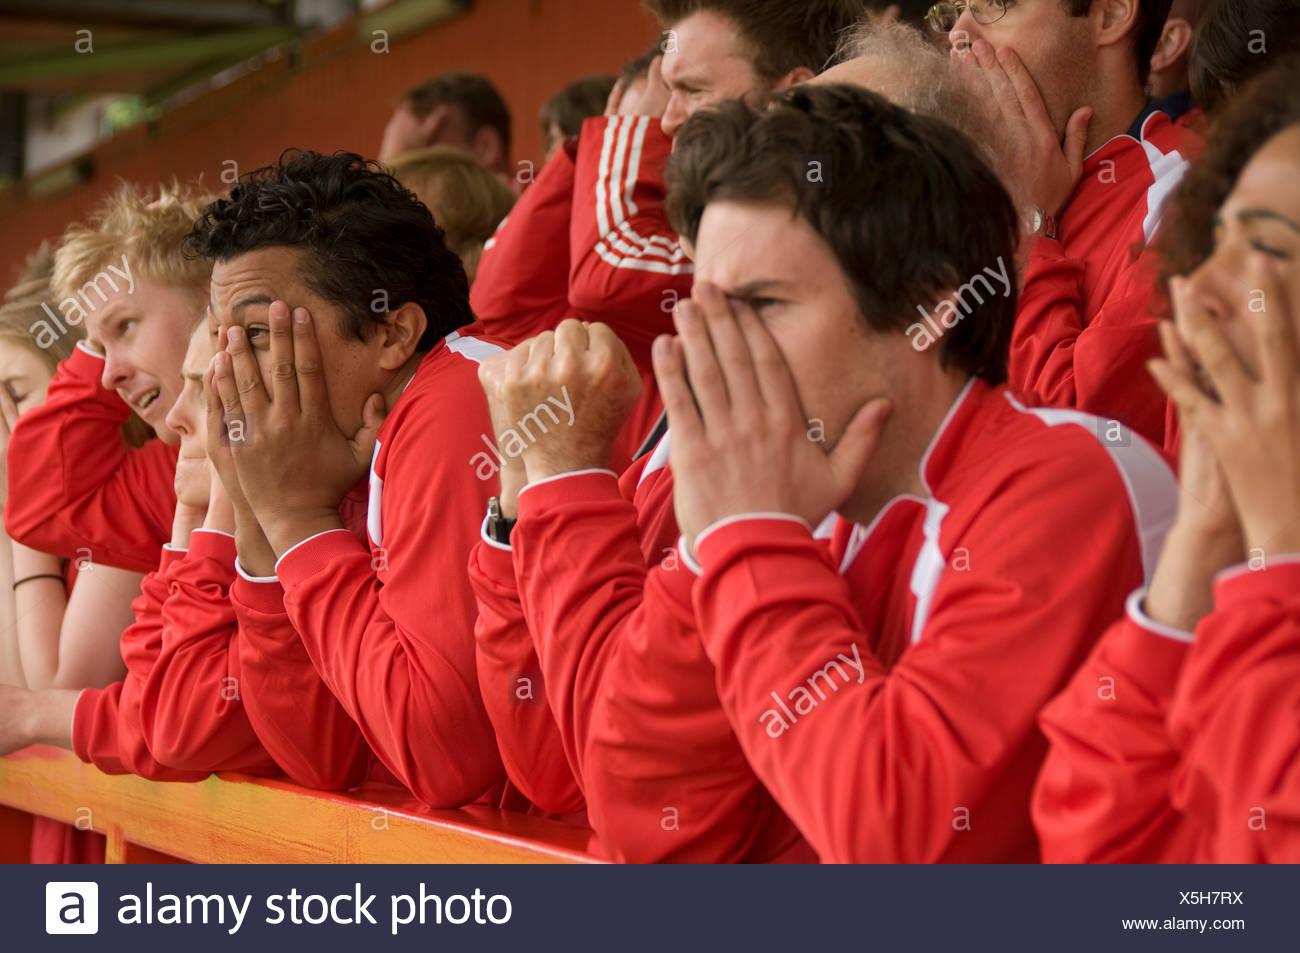 Groupe de supporters frustrés Photo Stock